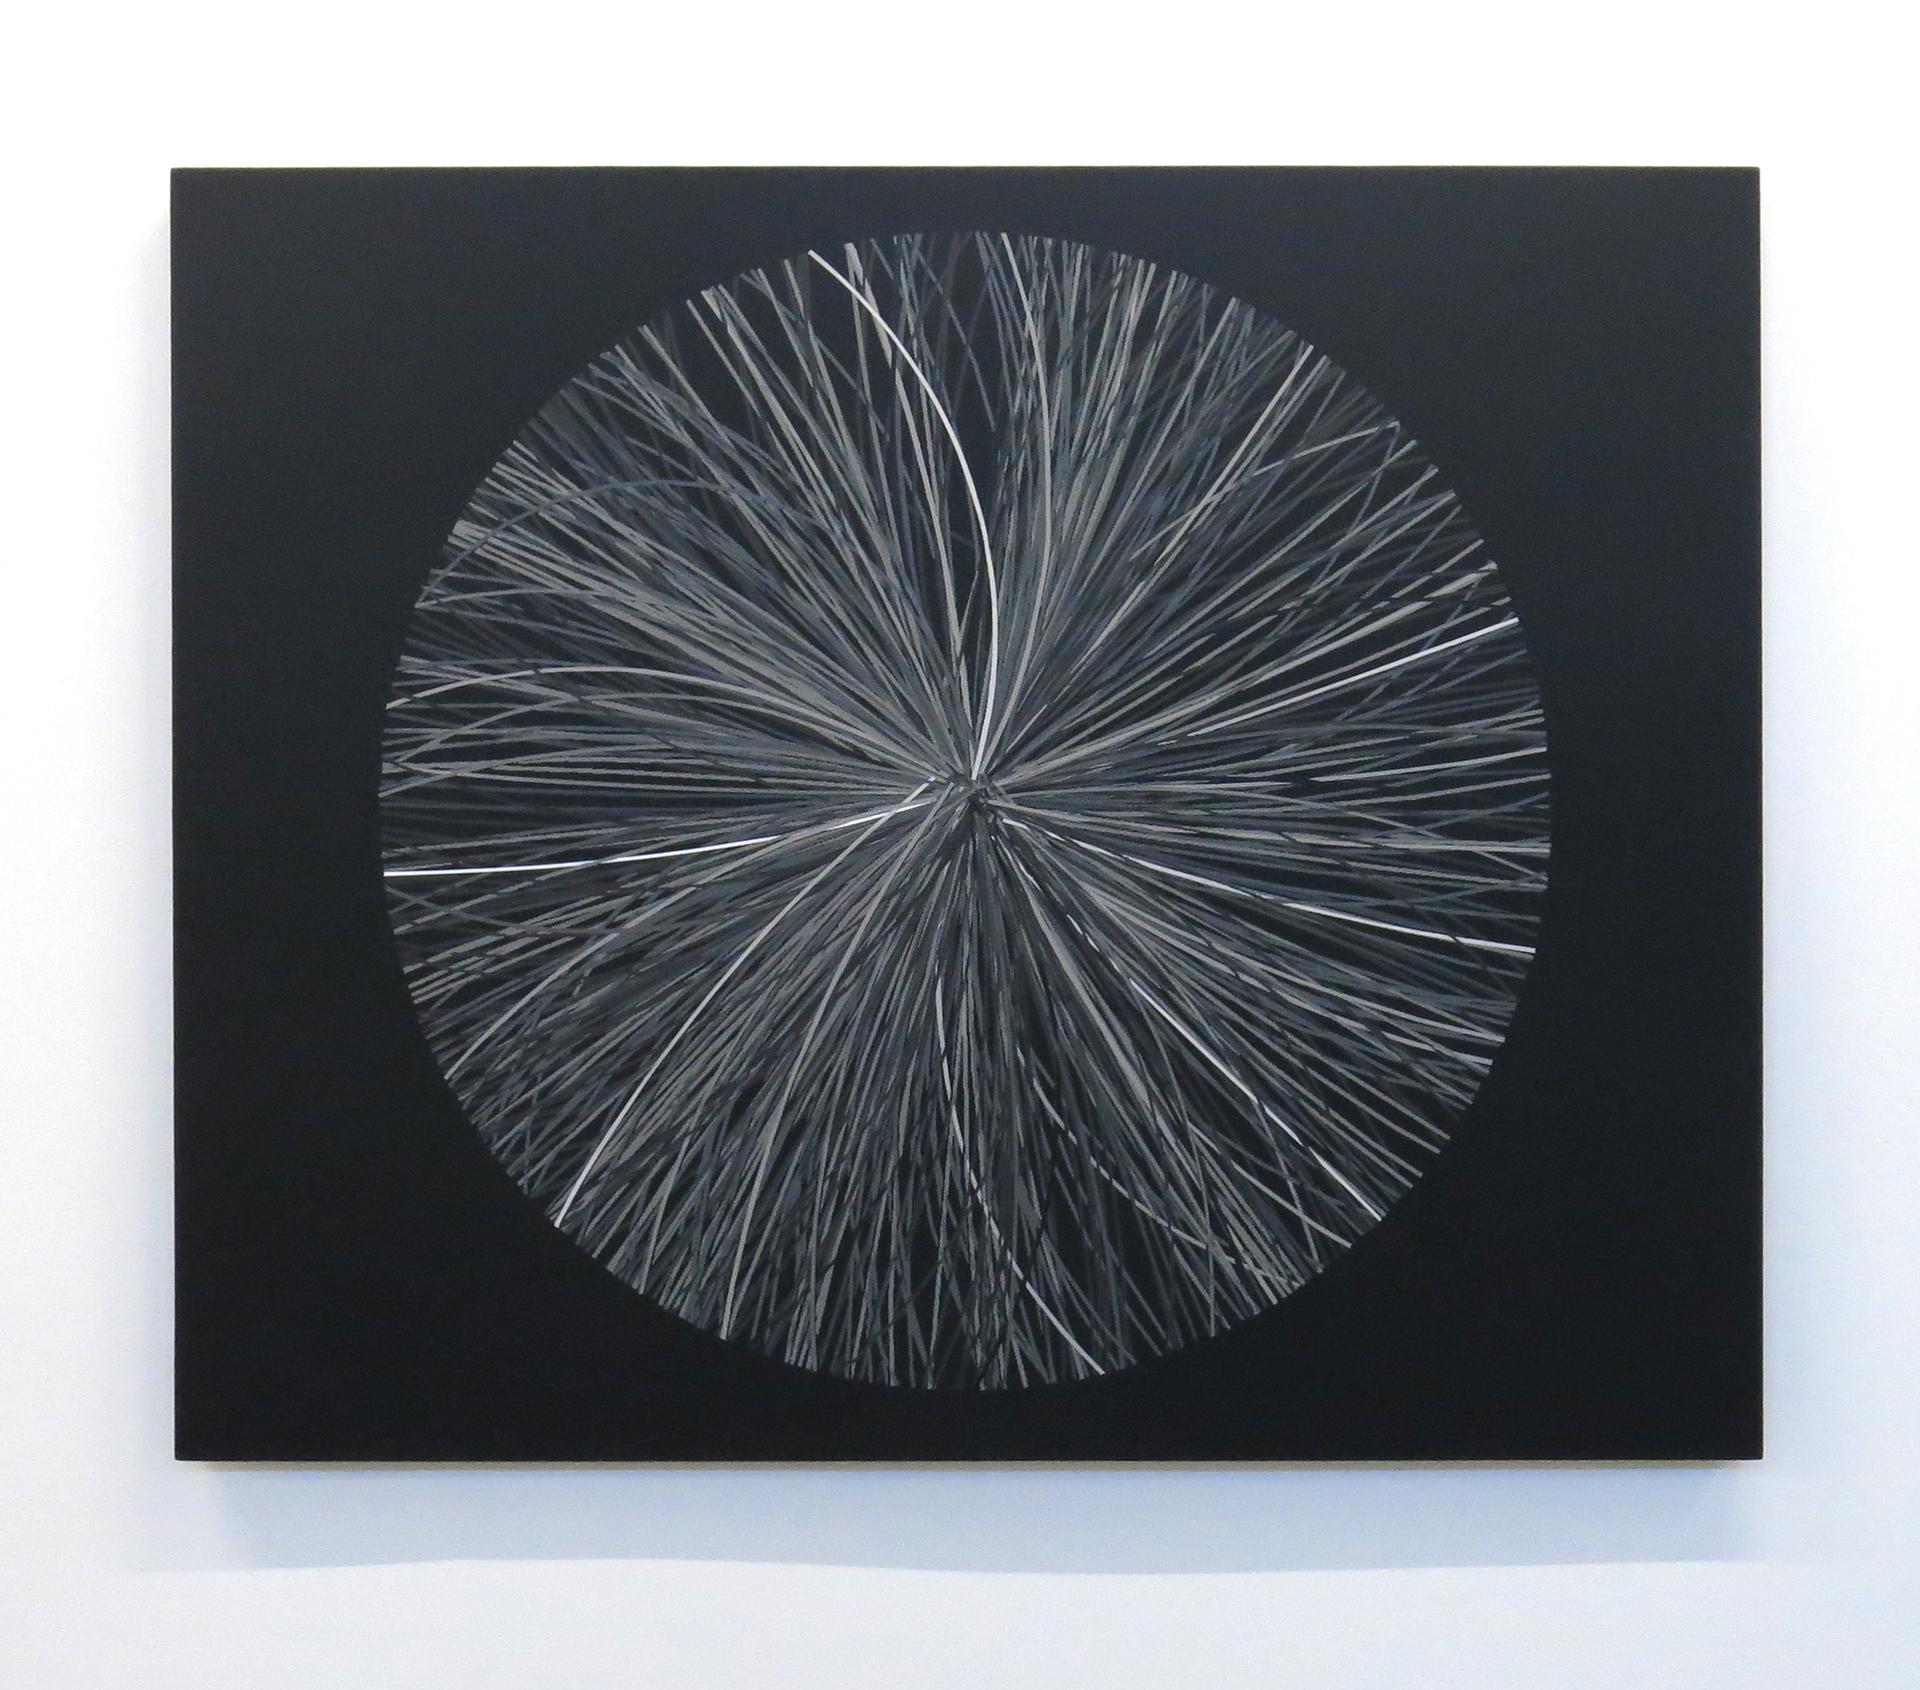 Production de masse A-02 , 2013  Acrylique sur toile 107 x 130 cm